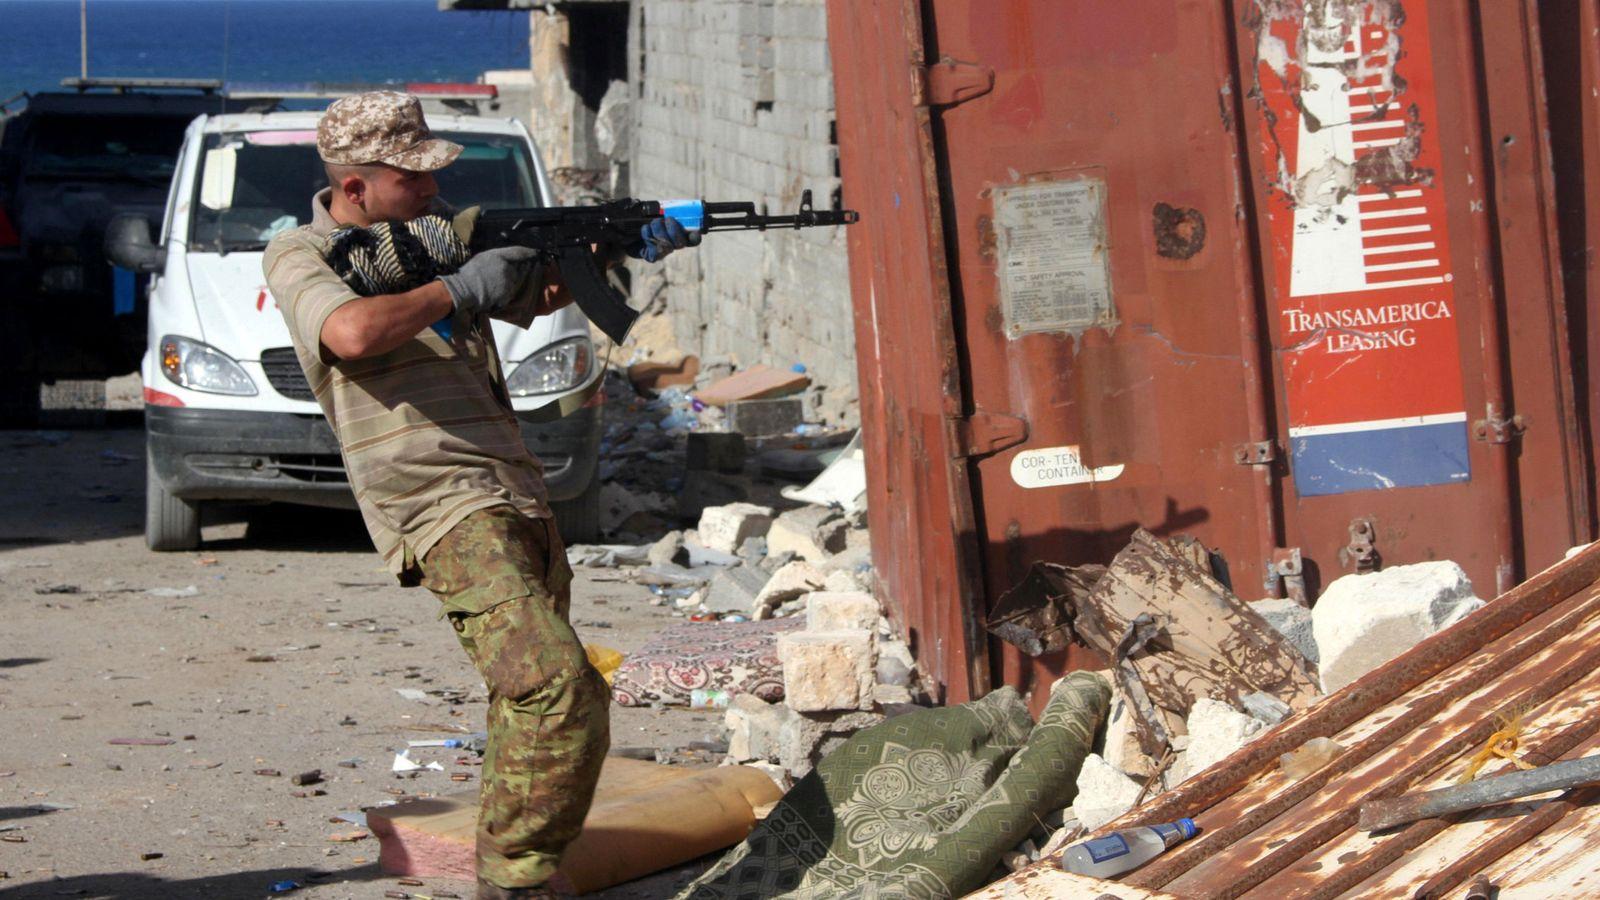 Foto: Un combatiente de las milicias libias aliadas dispara su arma durante una batalla en Sirte, el 31 de octubre (Reuters)